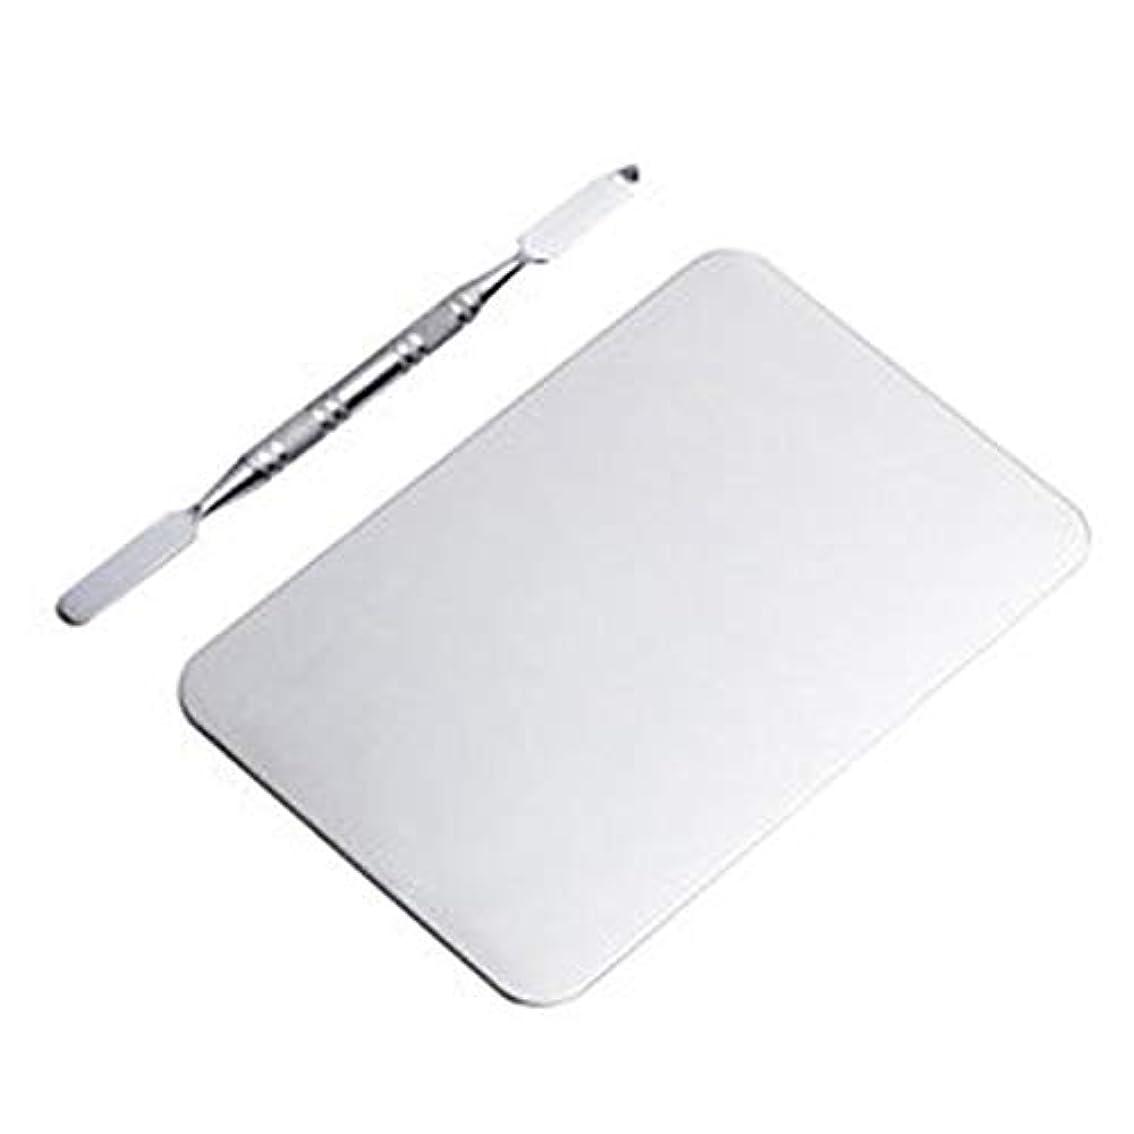 カートリッジロバ追加サロン マニキュア カラーパレット メイクアップクリームファンデーションミキシングパレット 化粧品メイクアップツール ステンレス鋼板(115x75MM) (Color : Nonporous)